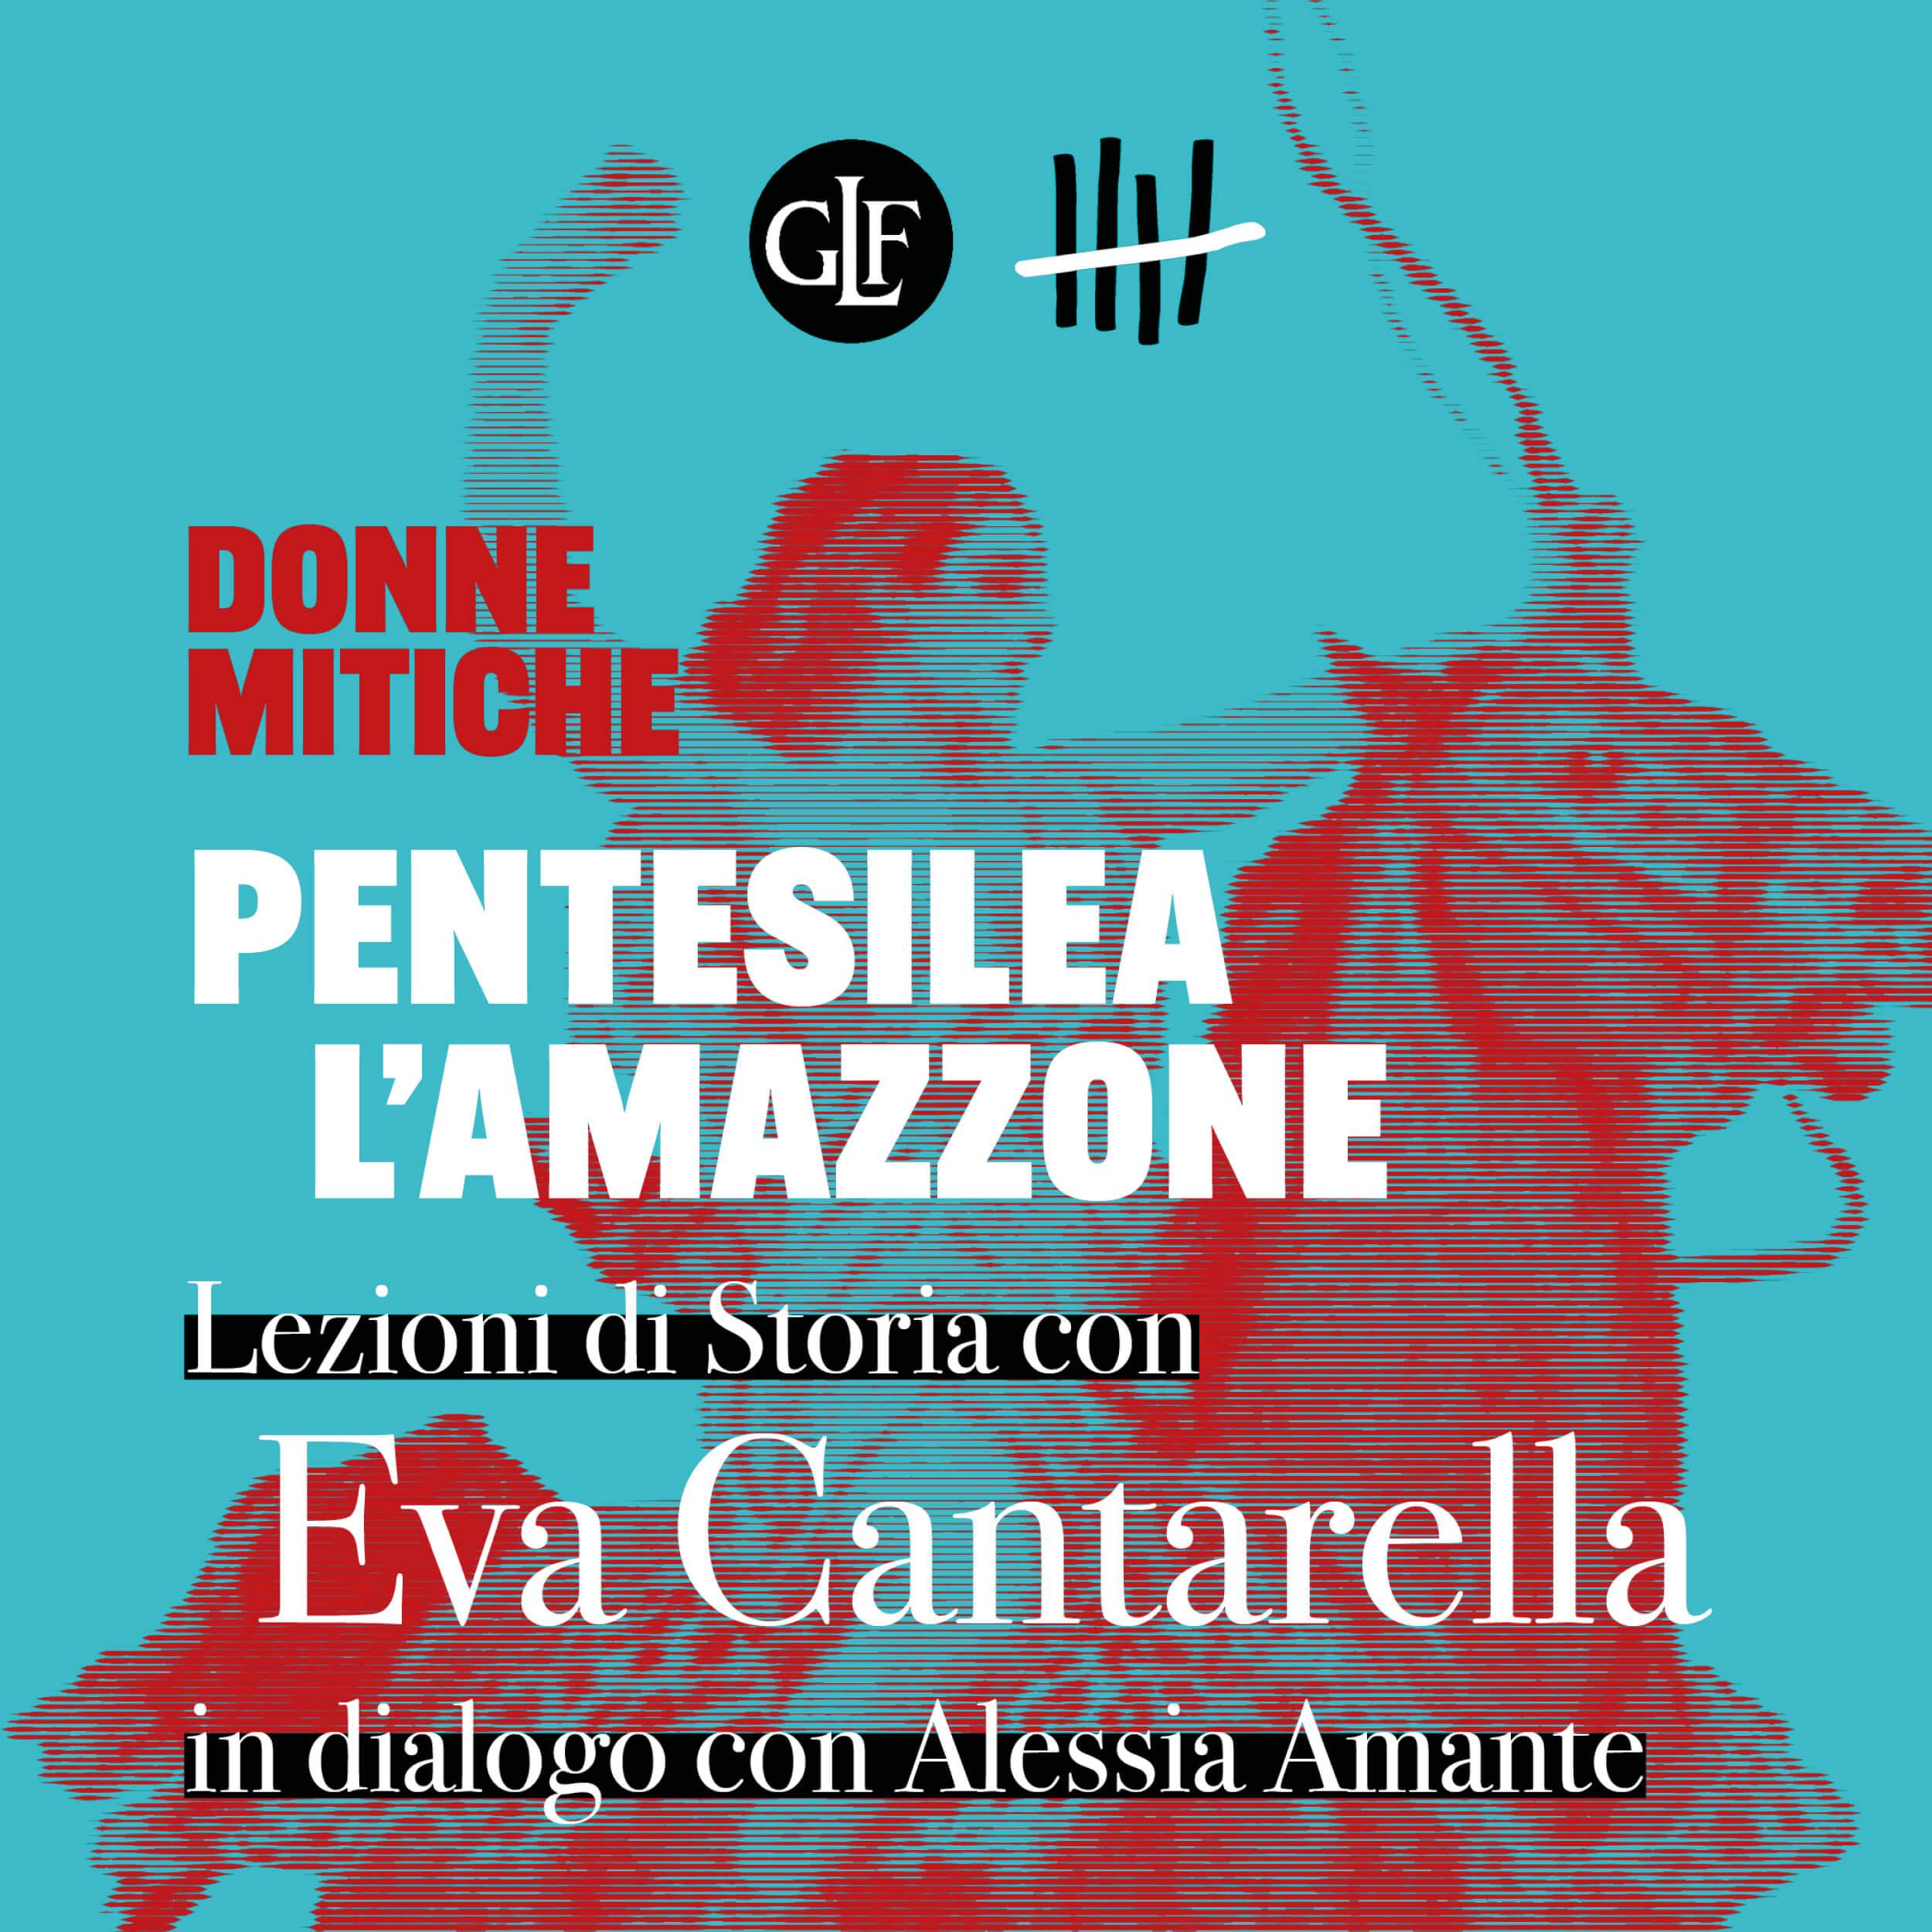 Donne mitiche, con Eva Cantarella